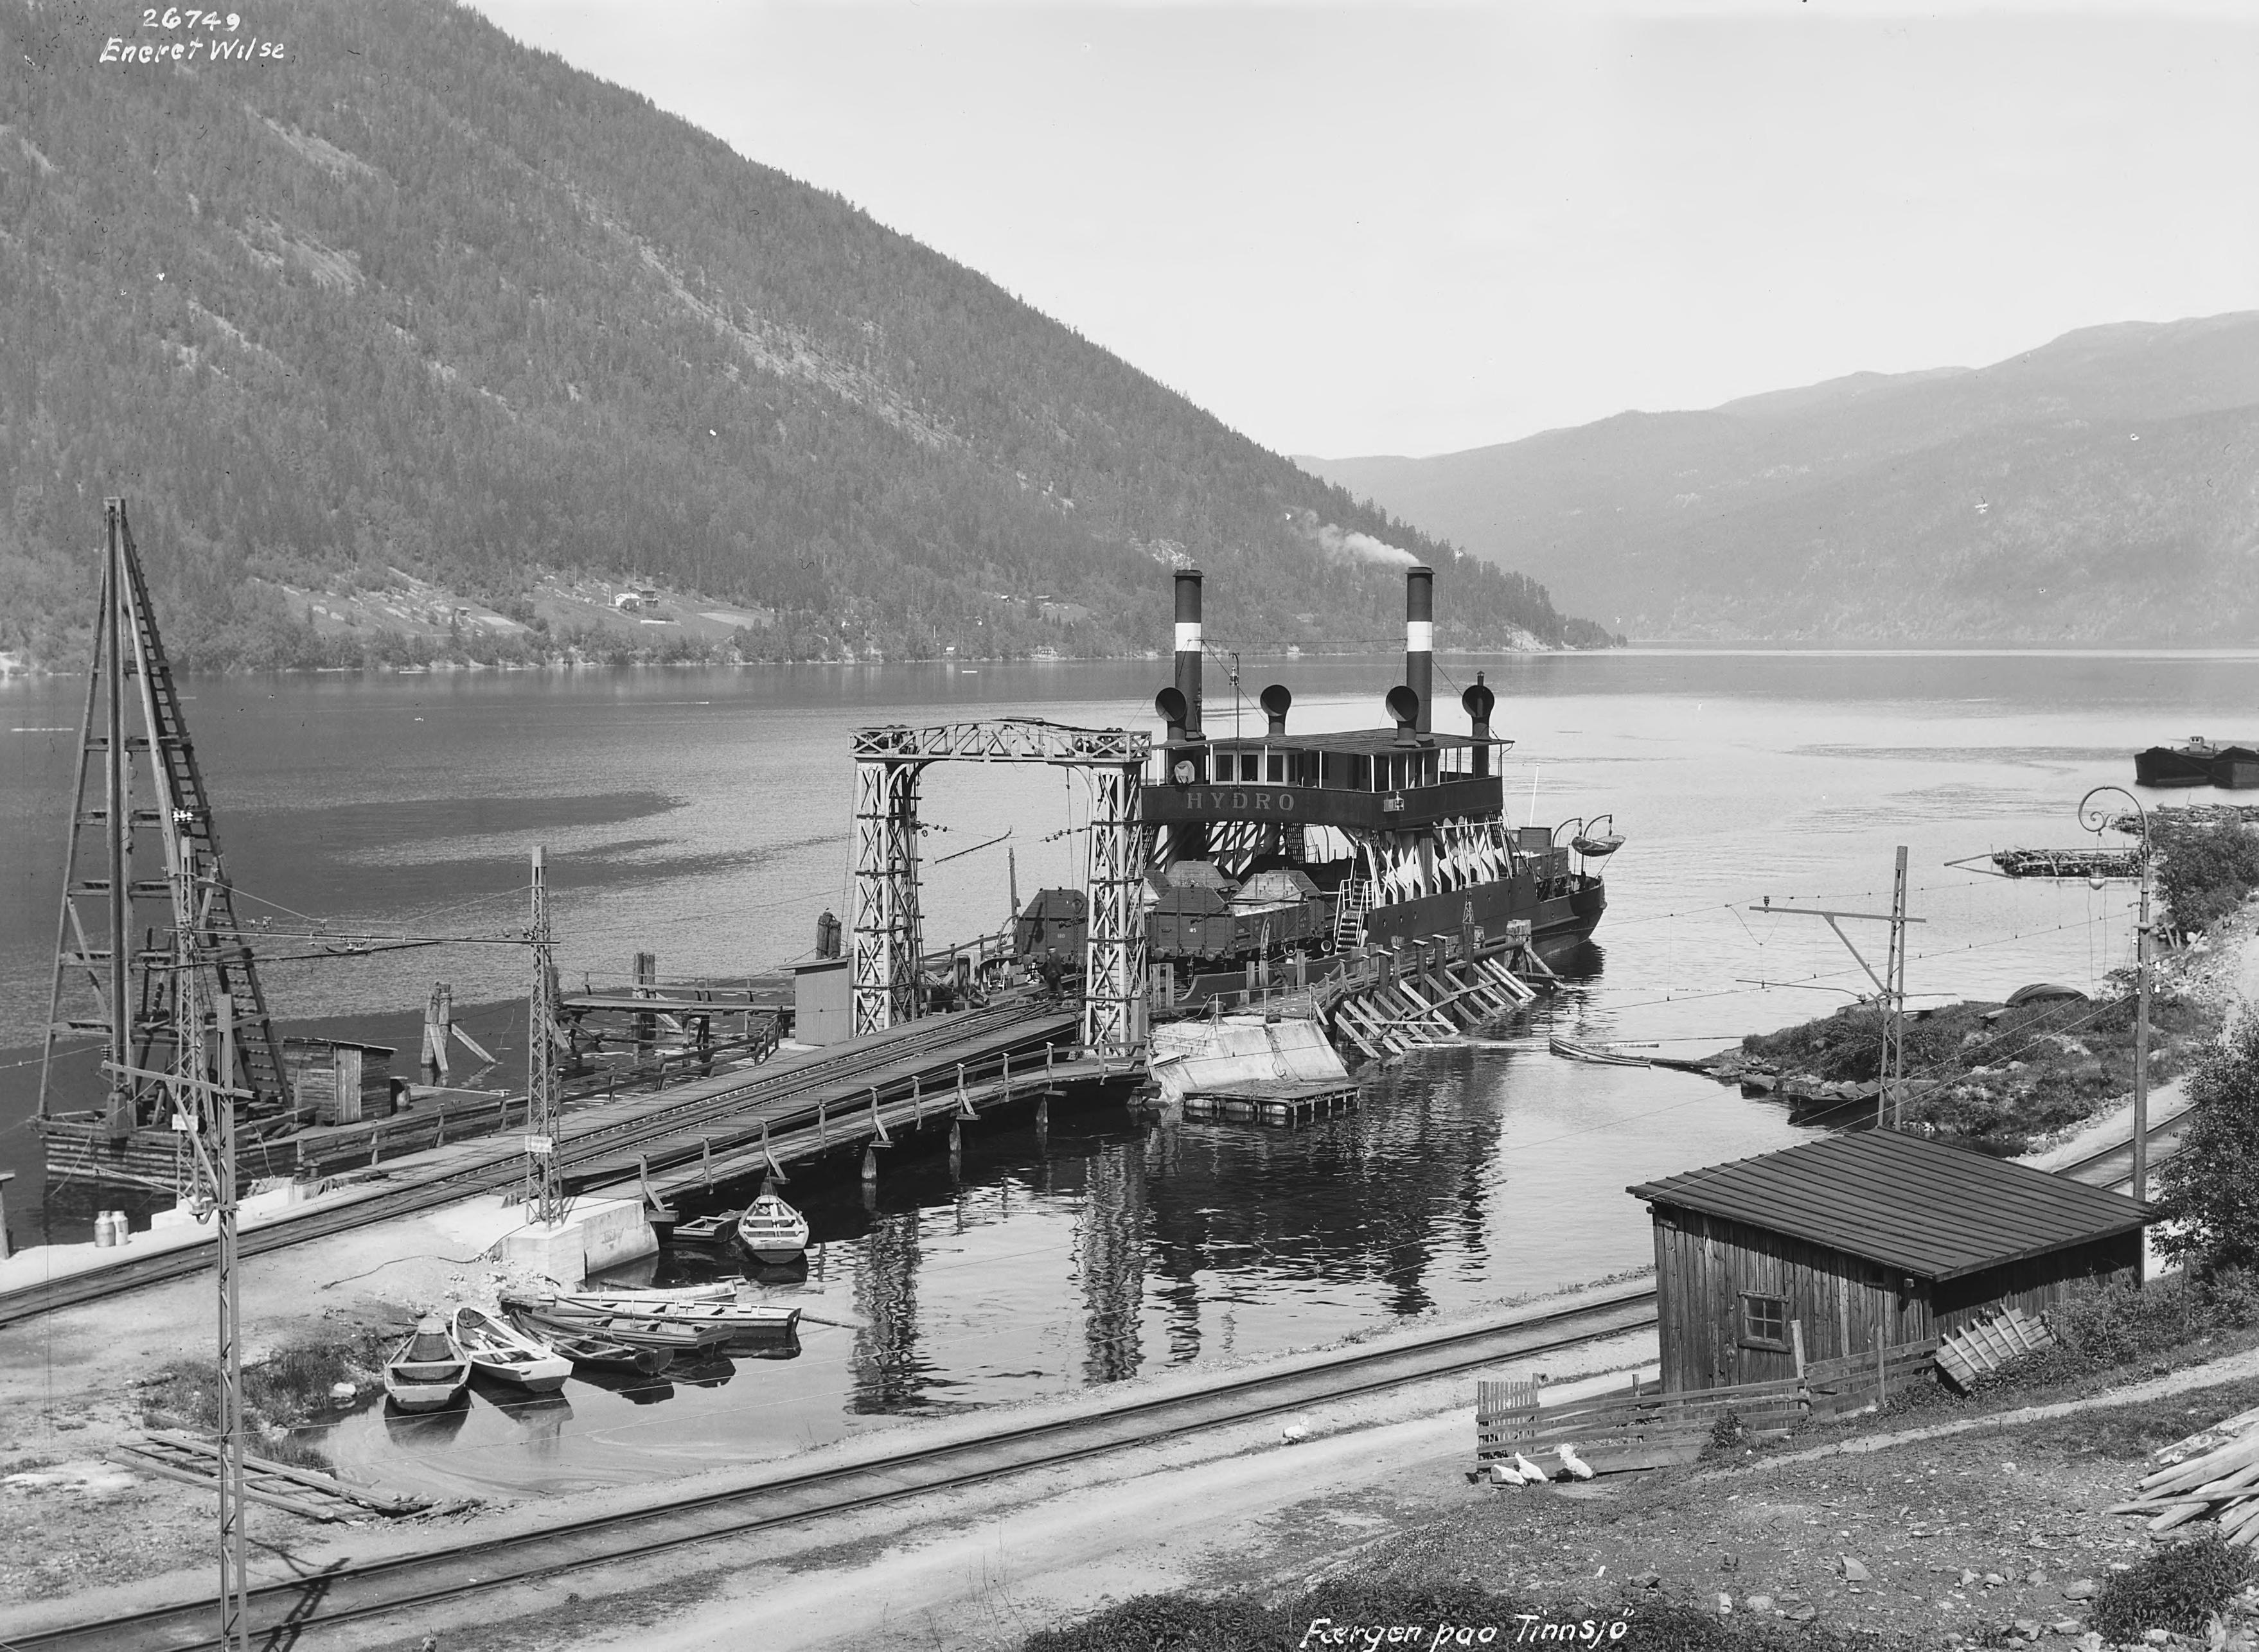 Αποτέλεσμα εικόνας για norwegian resistance movement norsk hydro